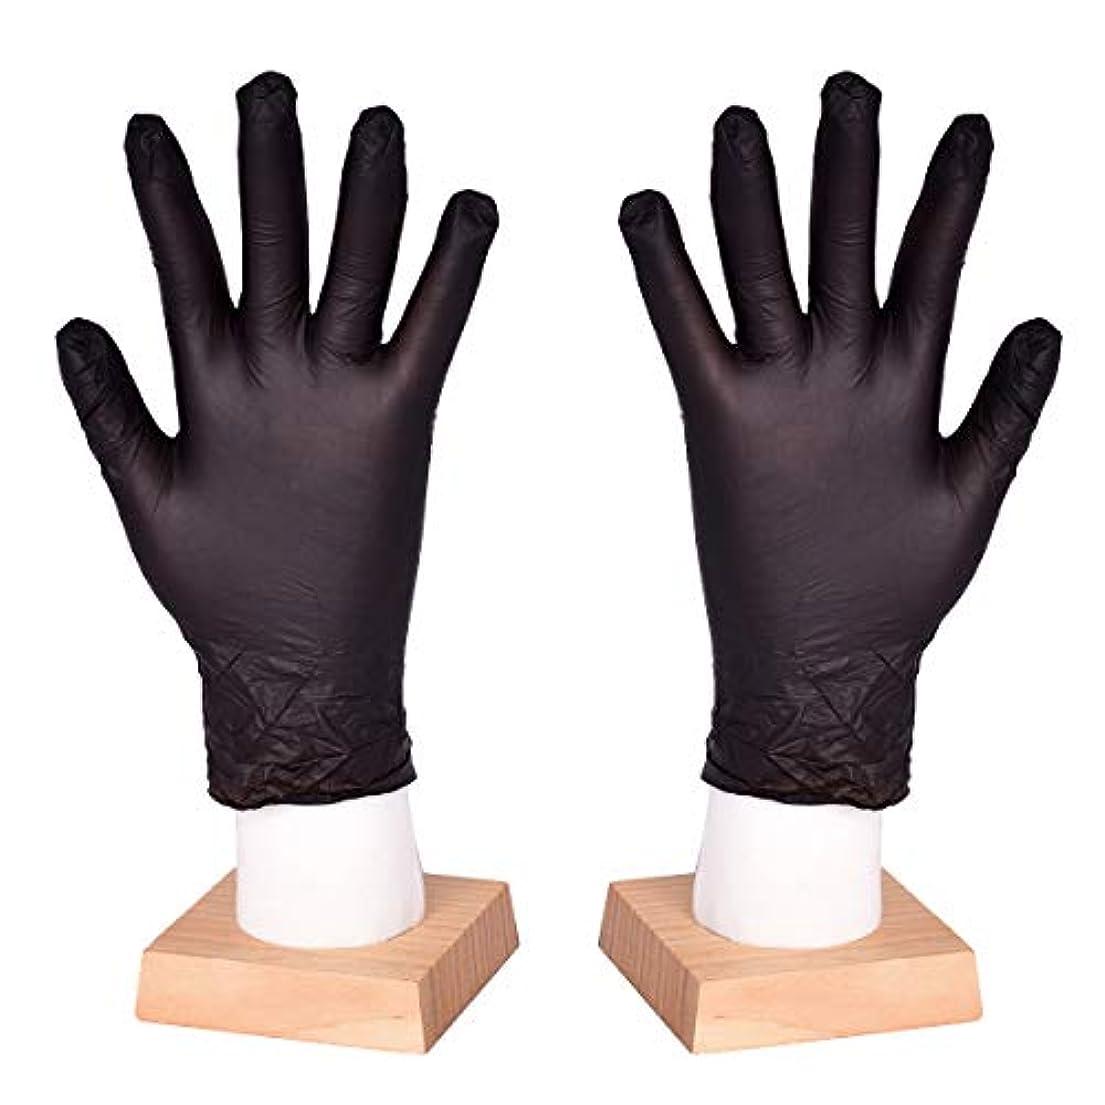 乙女カロリー広げる[FJTK]使い捨て手袋 滑りにくい 超弾性 多用途 黒 100枚入 (S)